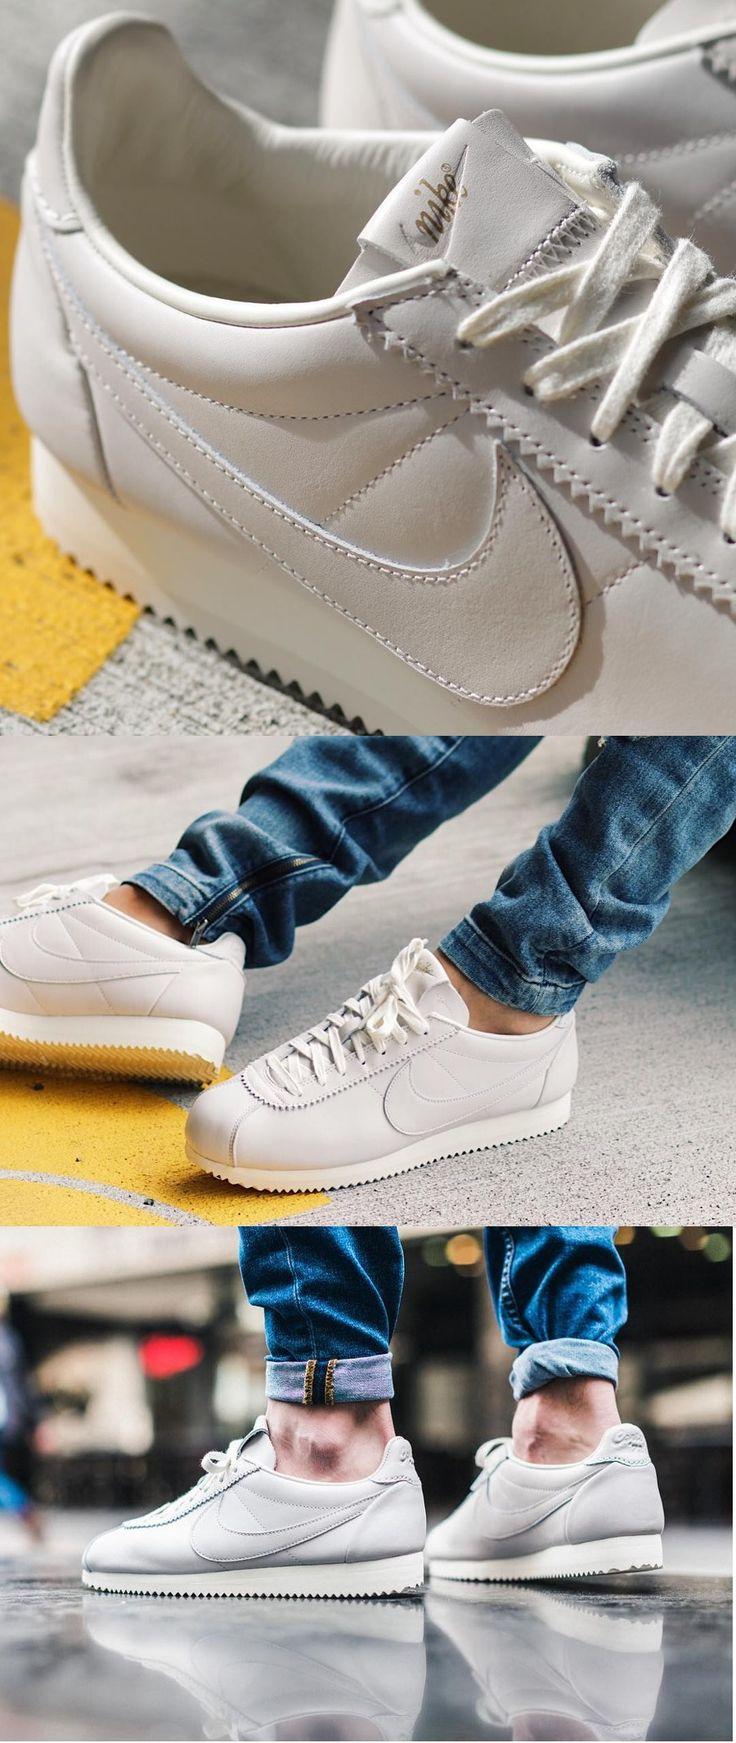 #Nike #Cortez Leather PRM QS TZ #Sail